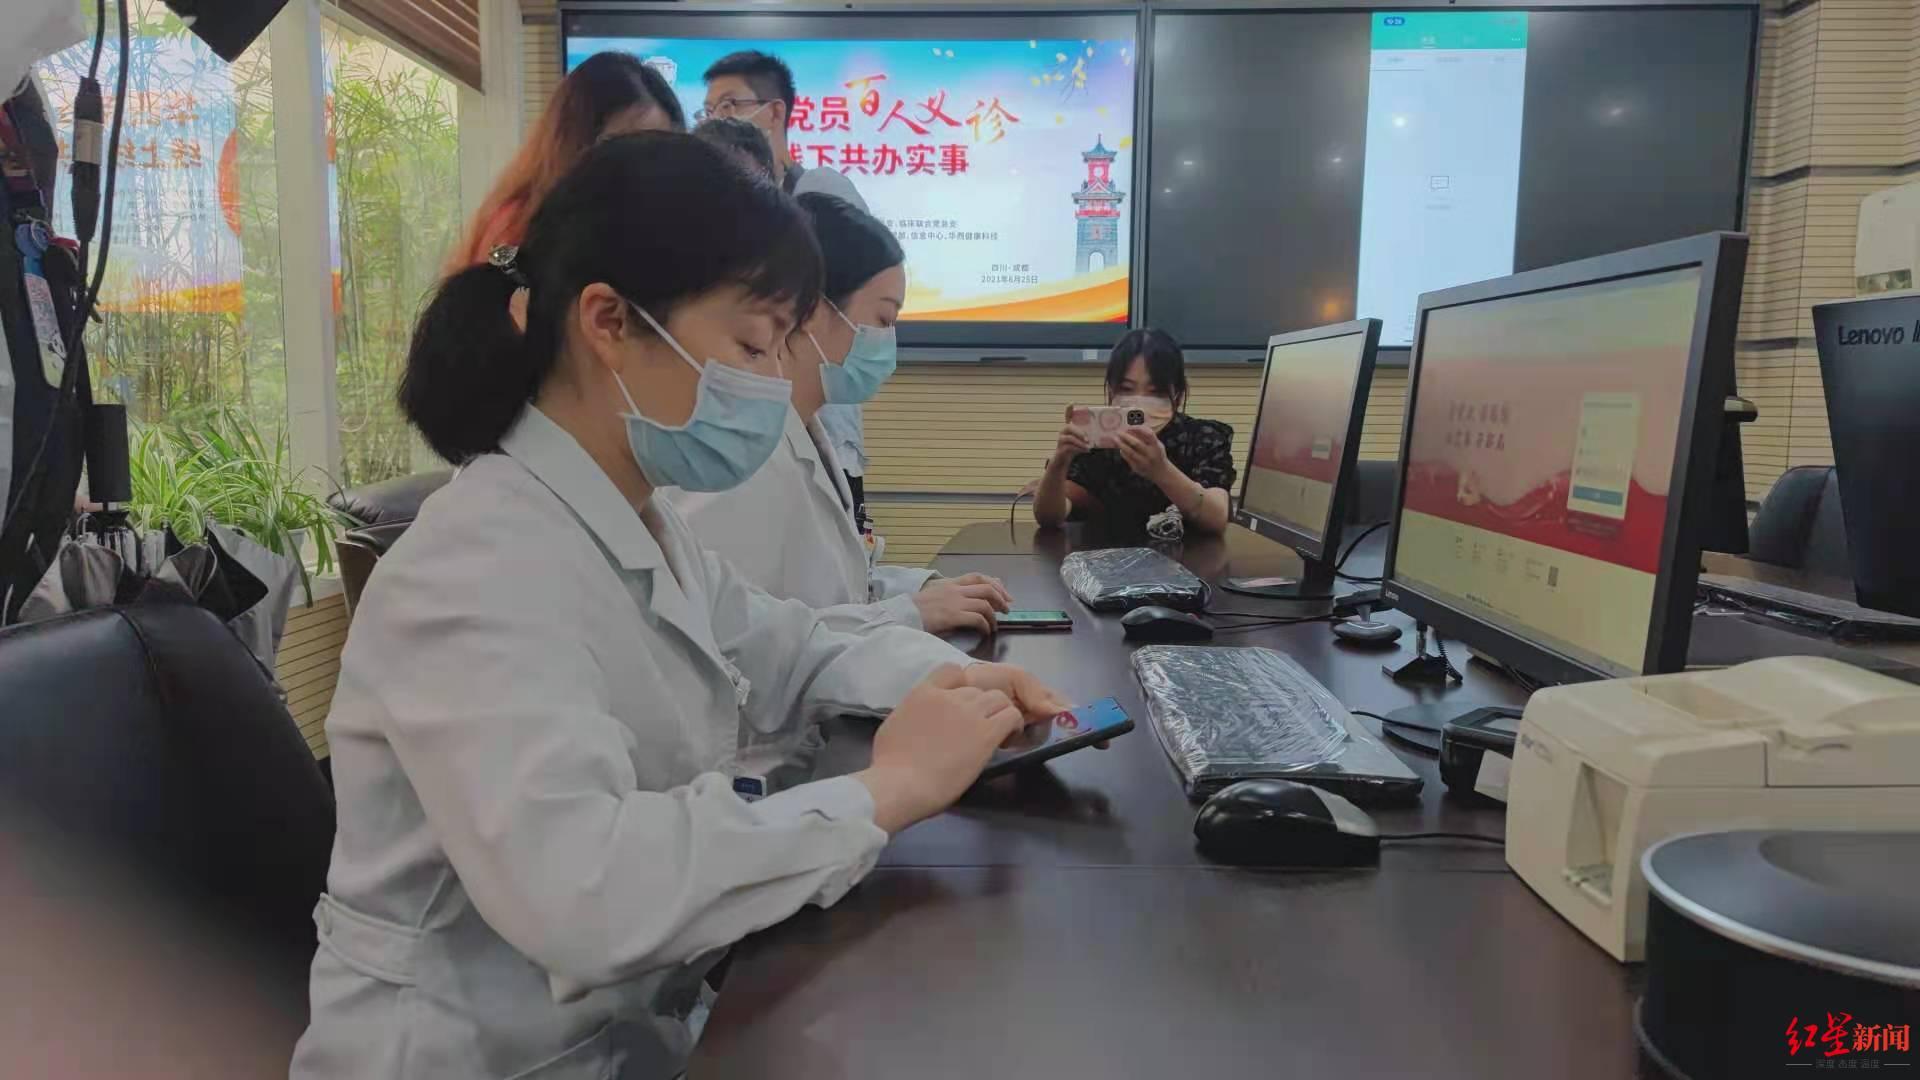 """华西互联网医院平台开展首次线上义诊 1000个号是怎么被""""抢光""""的"""